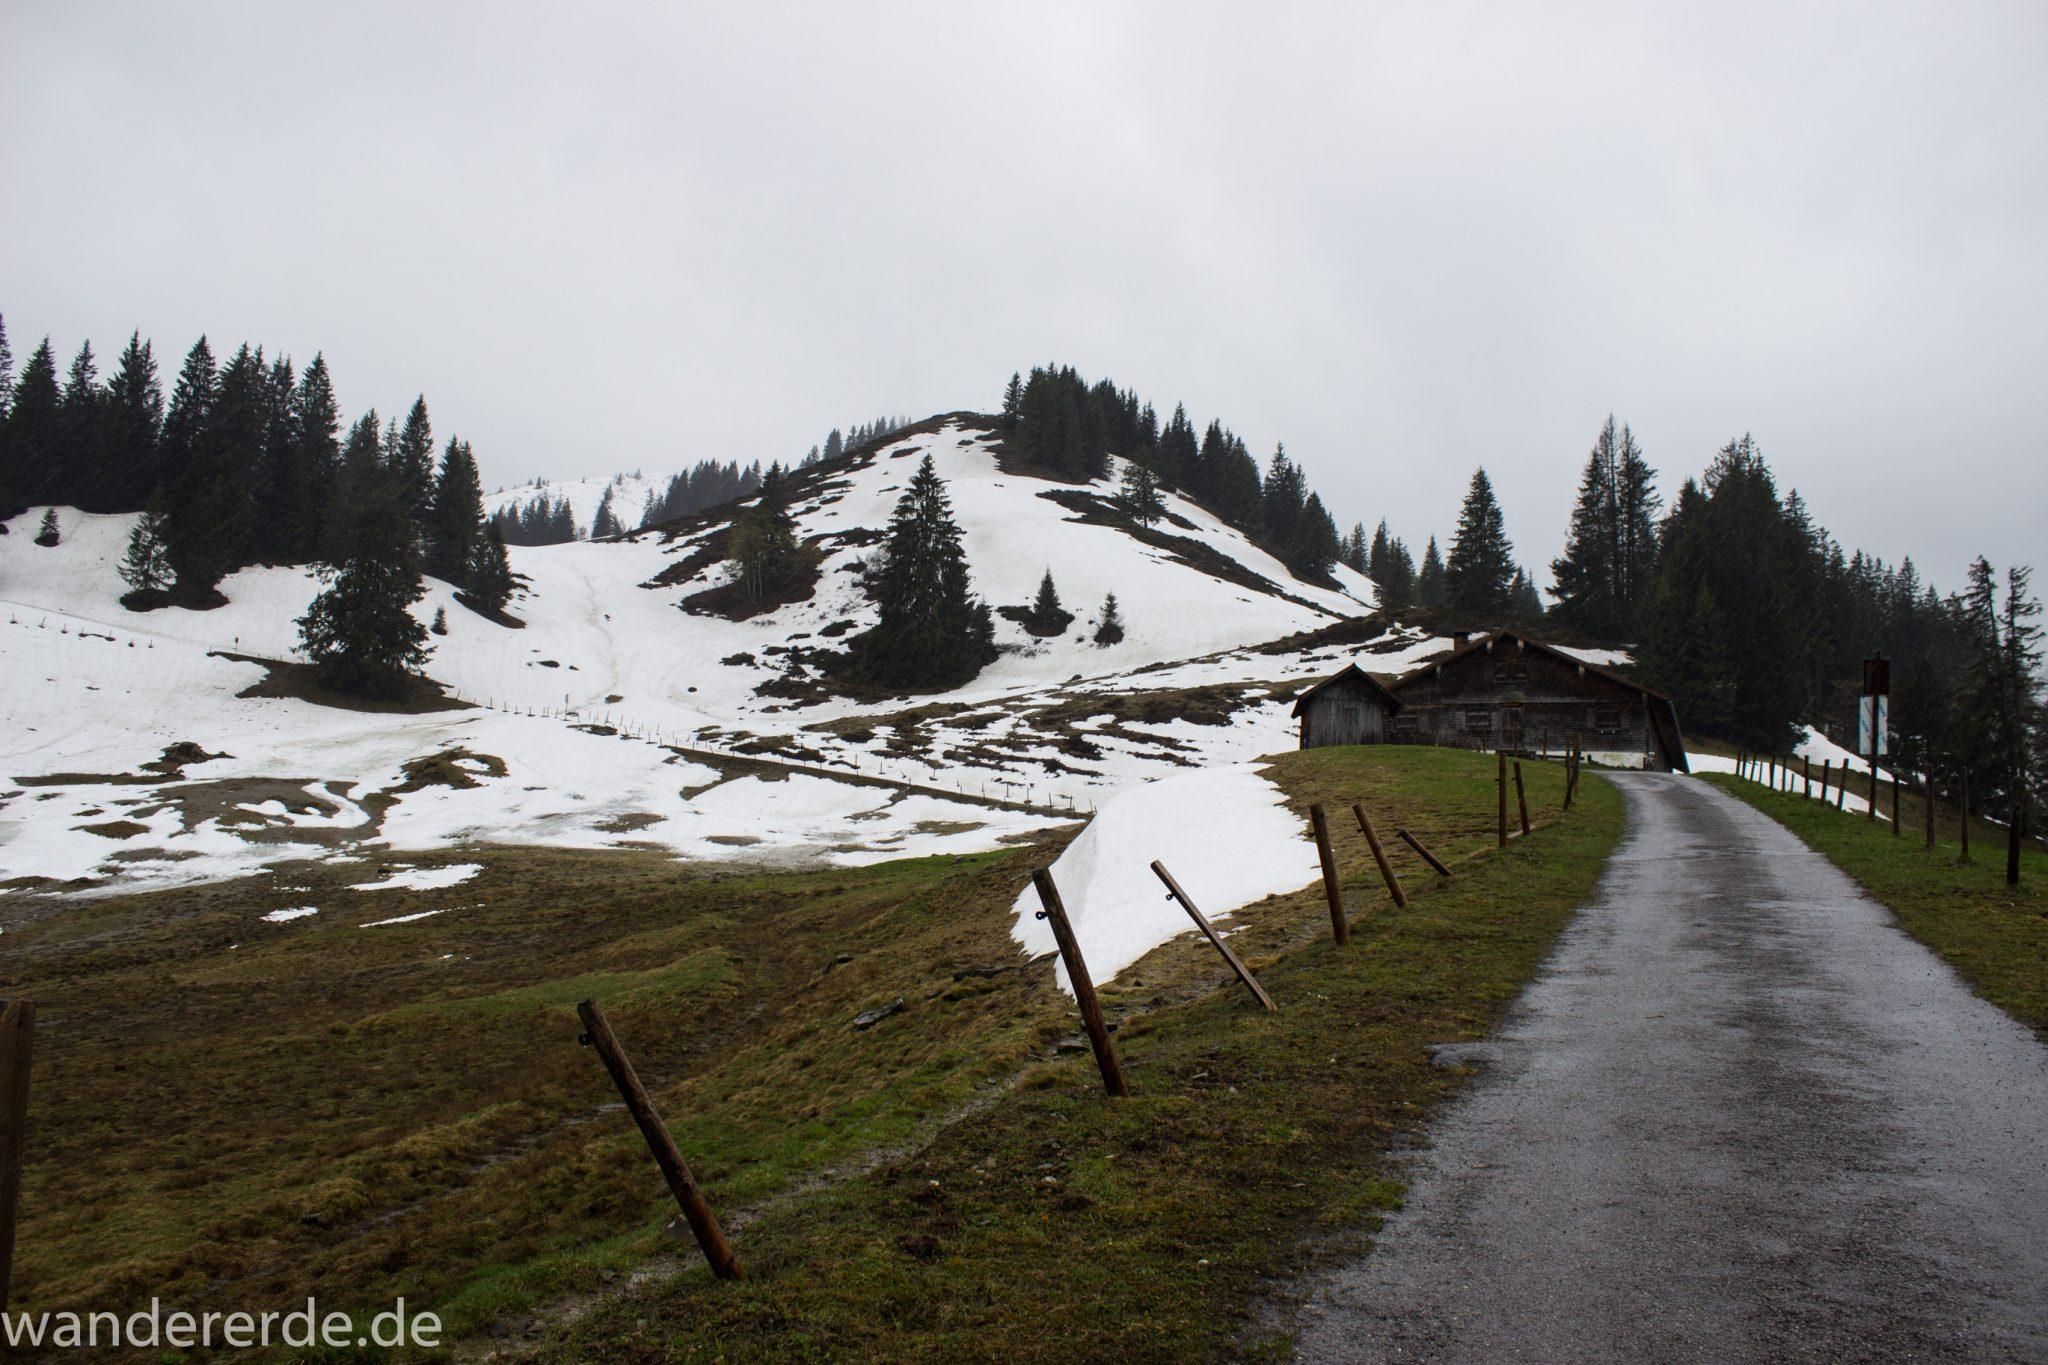 Wandern Gunzesrieder Ostertal im Allgäu, Baden-Württemberg, Obere Älple, viel Regen, dunkle Wolken, Schnee im Mai, Wanderweg eher breit, kaum noch Bäume